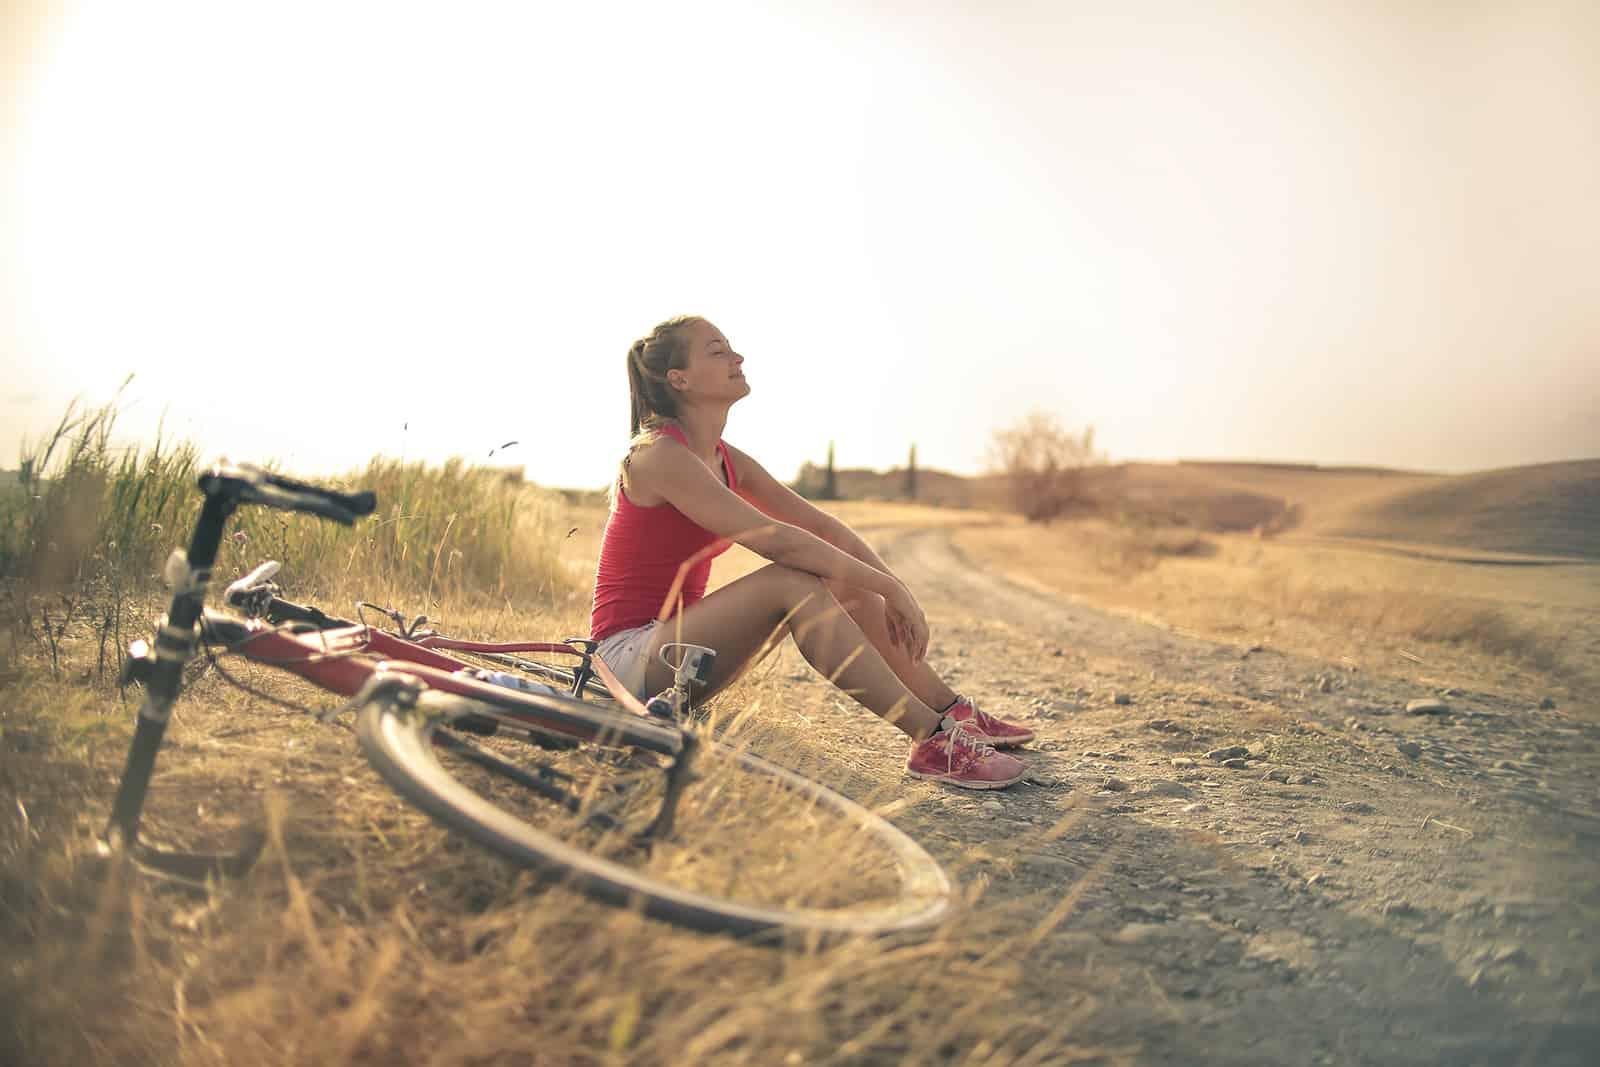 Eine Frau, die sich vom Radfahren ausruht, sitzt auf der Landstraße